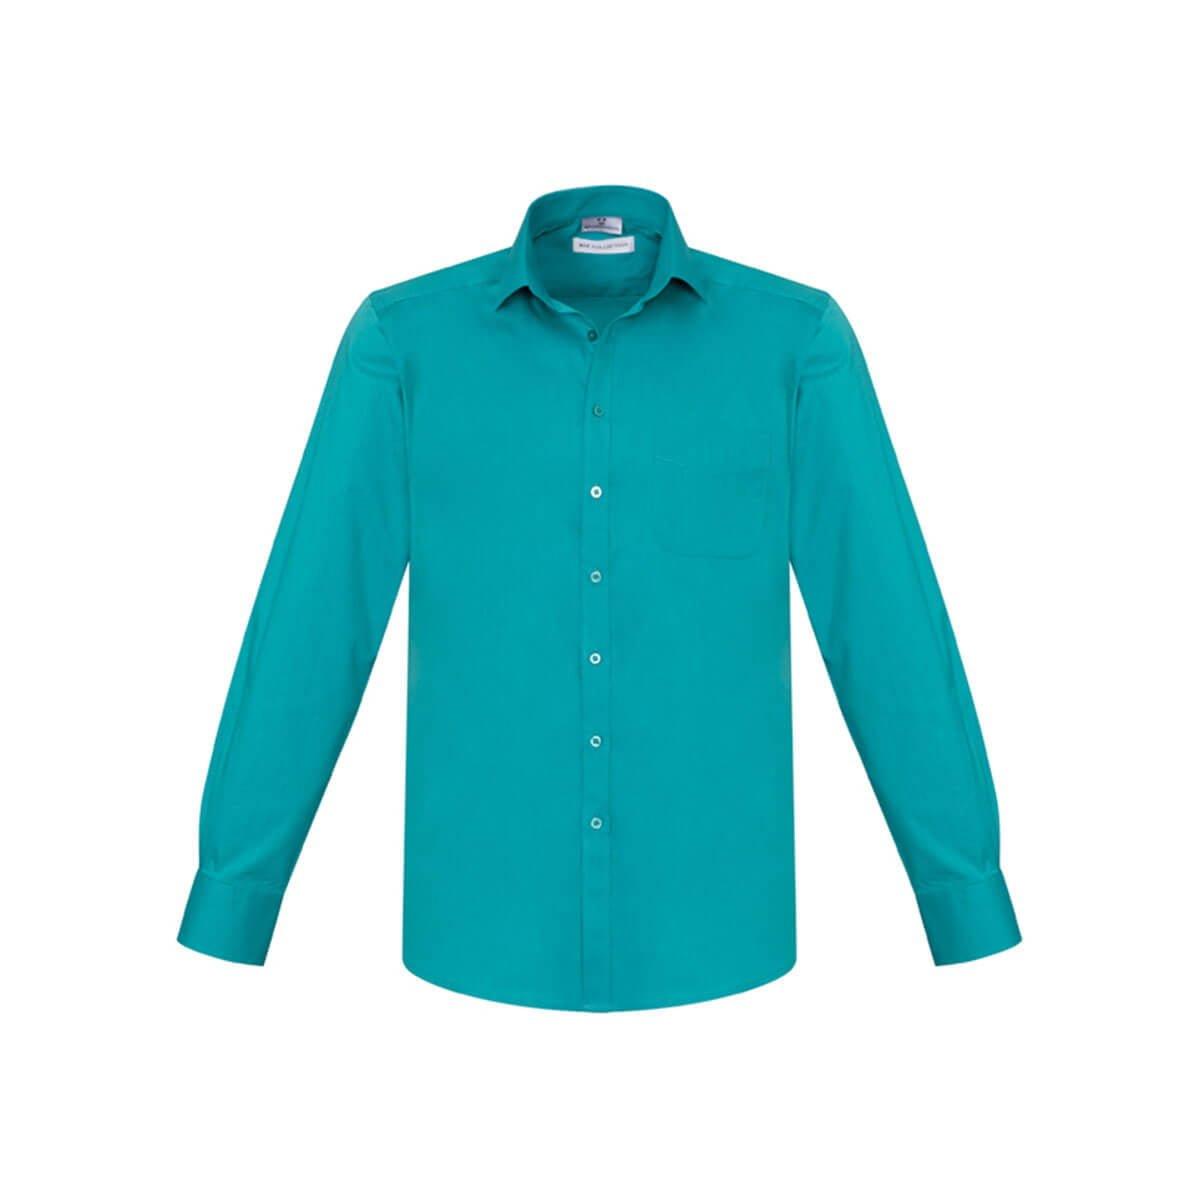 Mens Monaco Long Sleeve Shirt-Teal